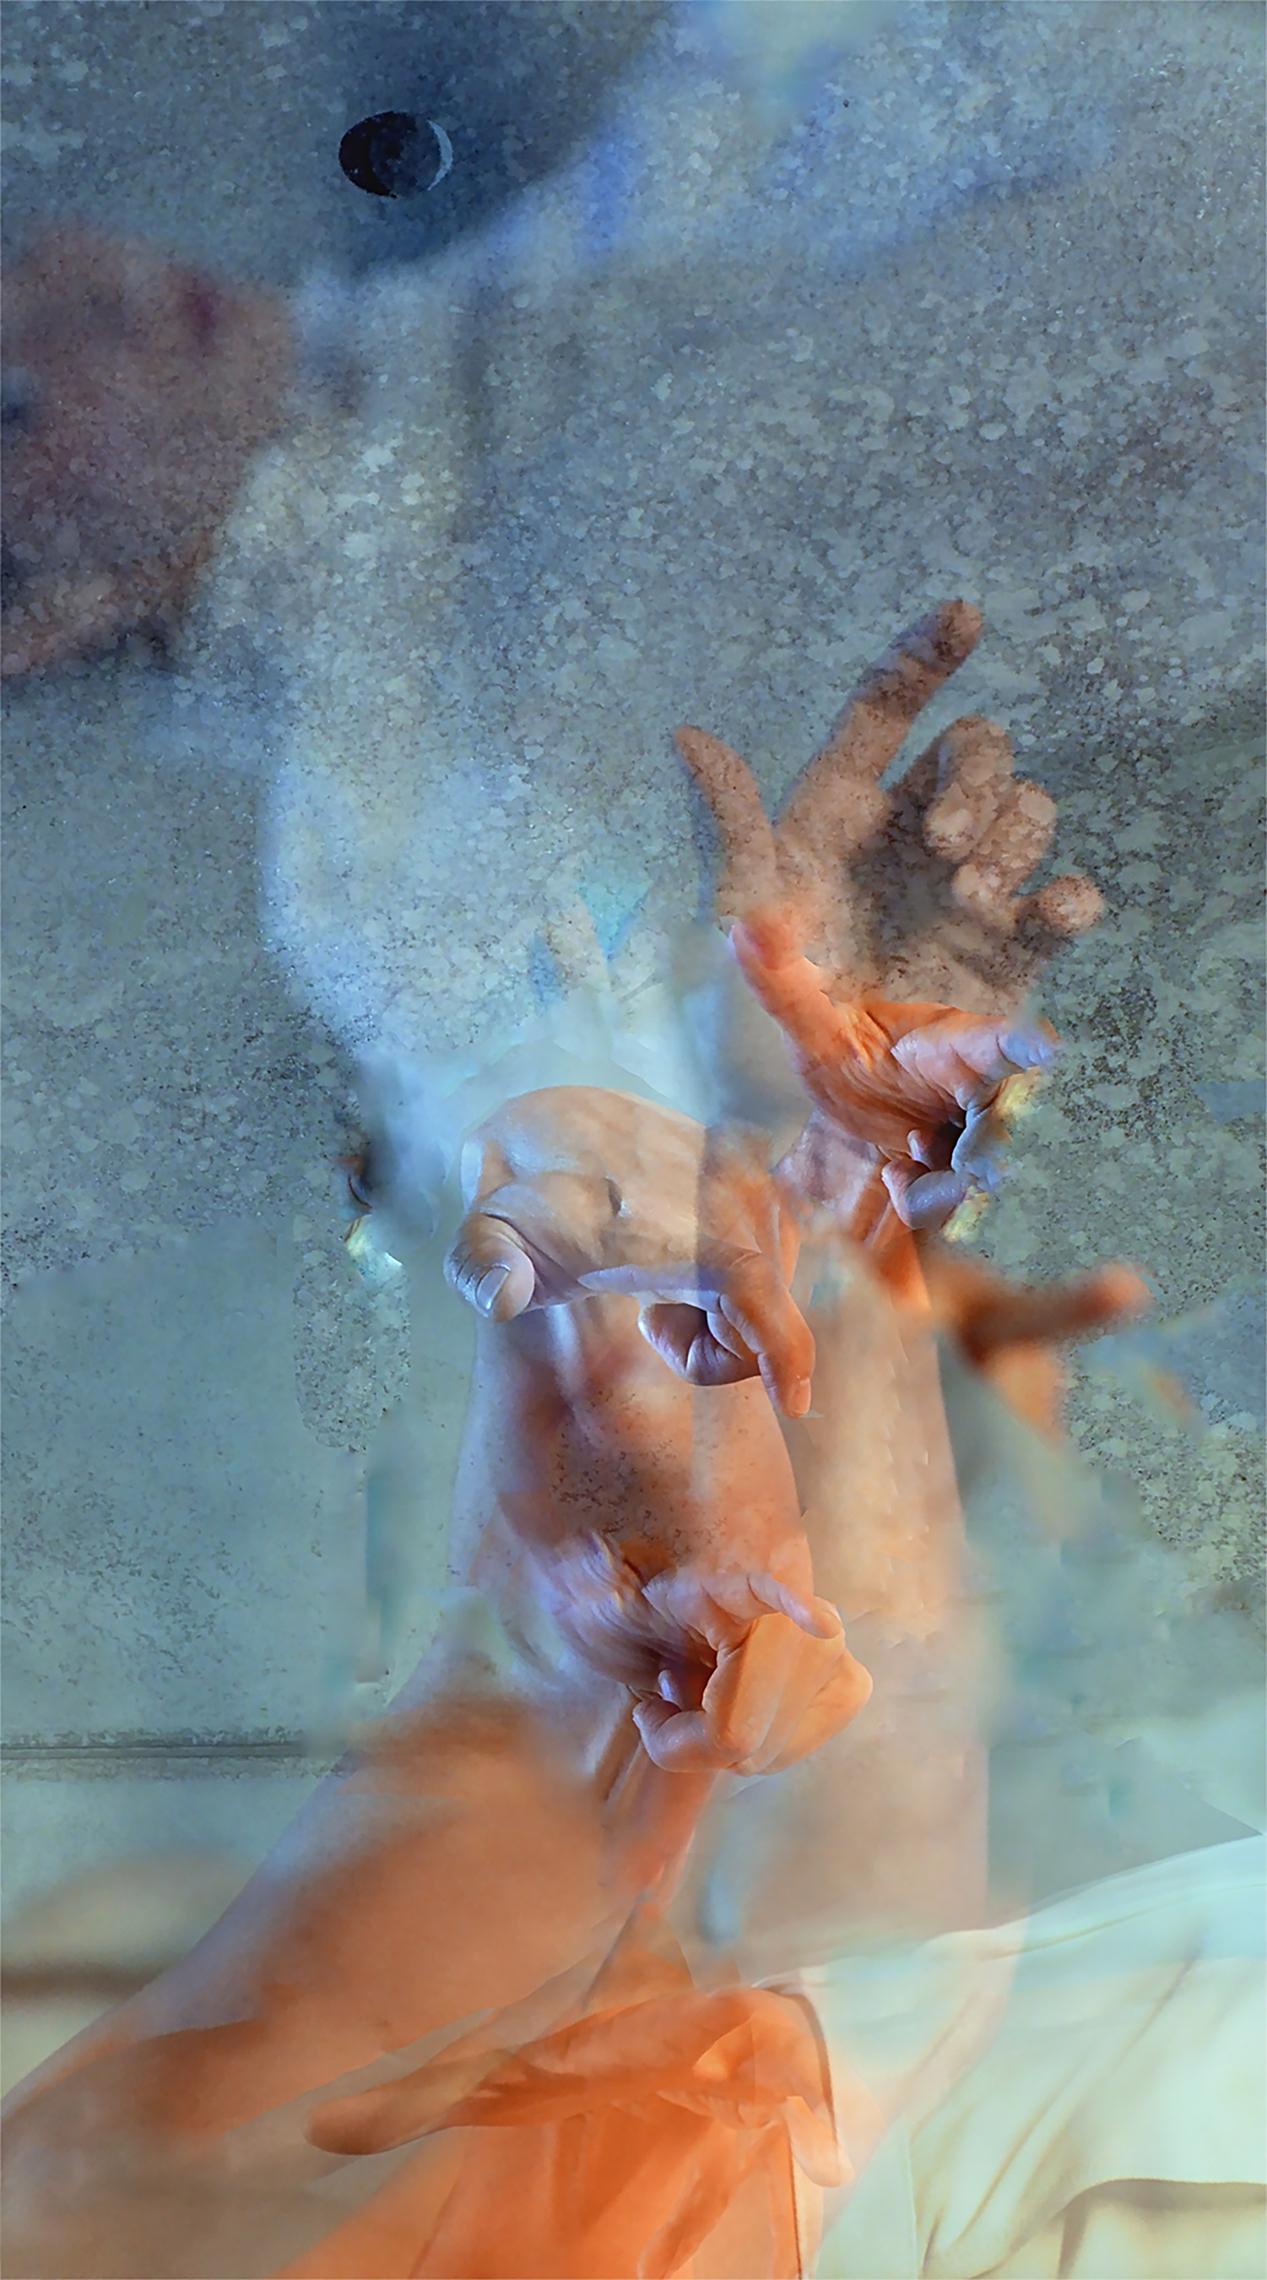 """Corinna Rosteck gestaltet in ihrer Ausstellung mit fotografischen und malerischen Bildern aus den Werksserien 'Riven in Time' und 'Orfeo"""" grossräumig die Nikodemus Kulturkirche. Die metallisch- glänzende Oberflächentechnik ihrer Bilder reflektiert jegliches Licht im Raum und erzeugt eine einzigartige Tiefenwirkung der Motive, die aus sich heraus leuchten."""